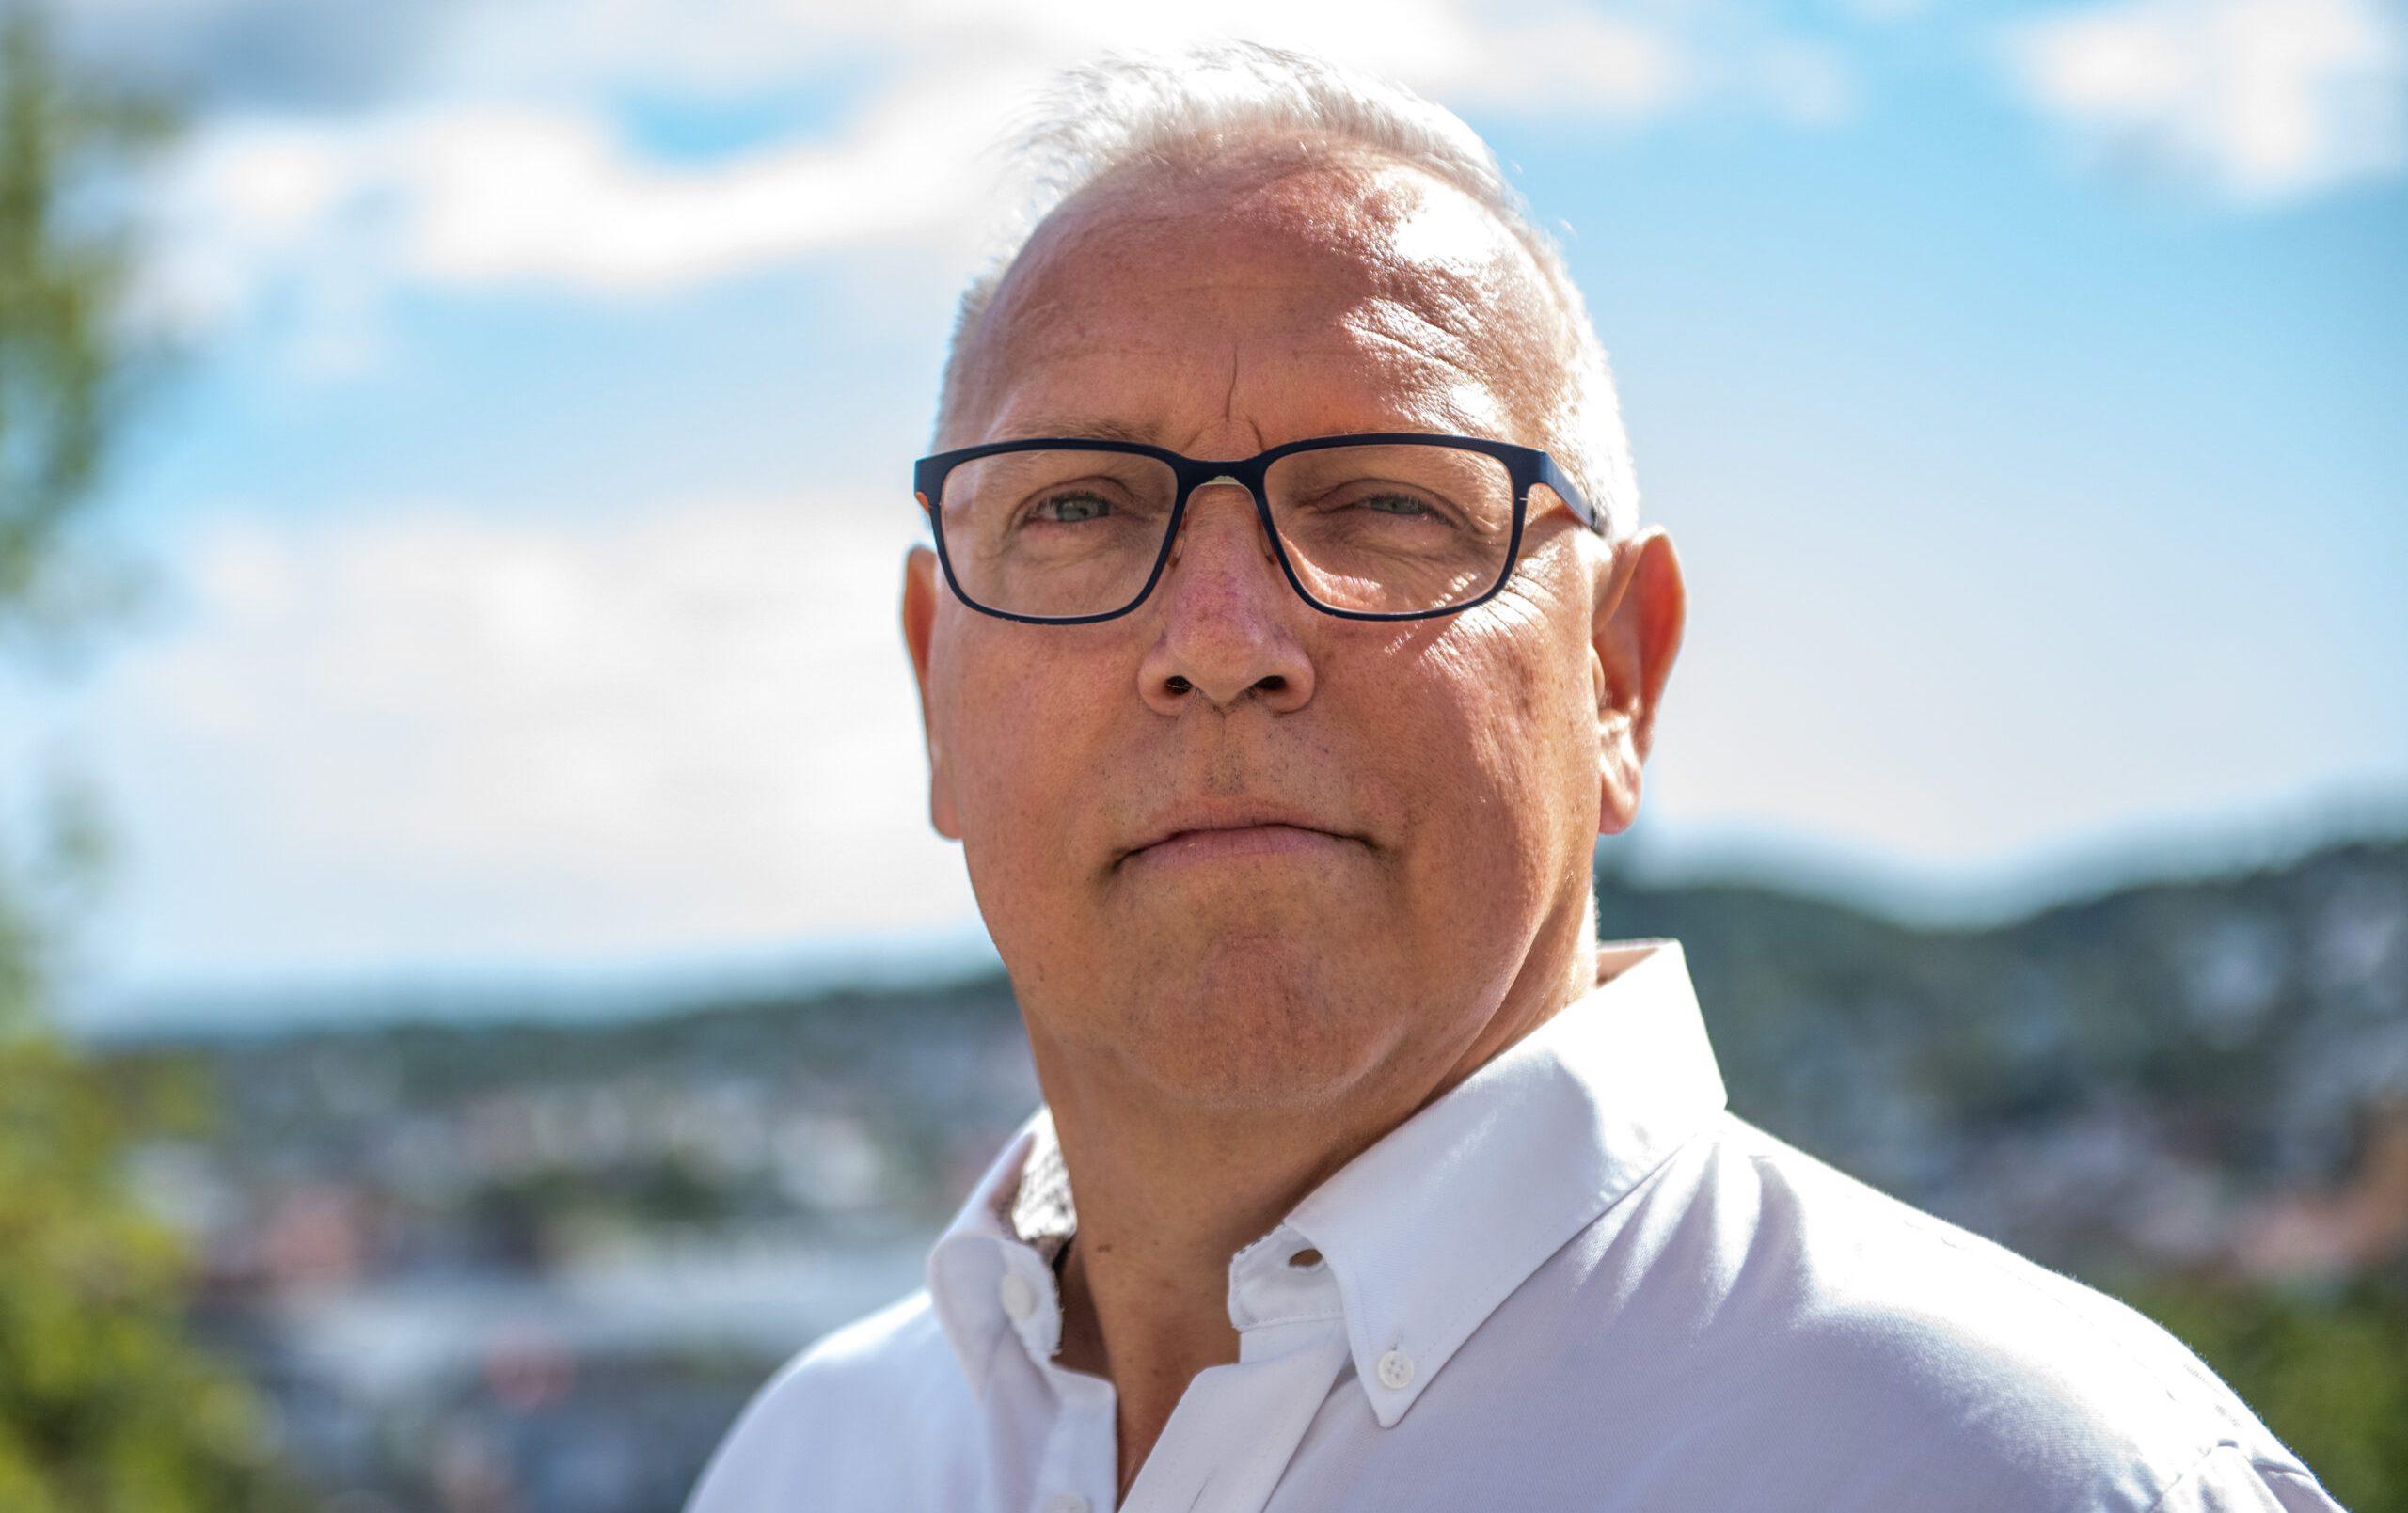 Forbundsleder i fagforbundet Lederne, Audun Ingvartsen. (Foto: Håkon Holo Dagestad)